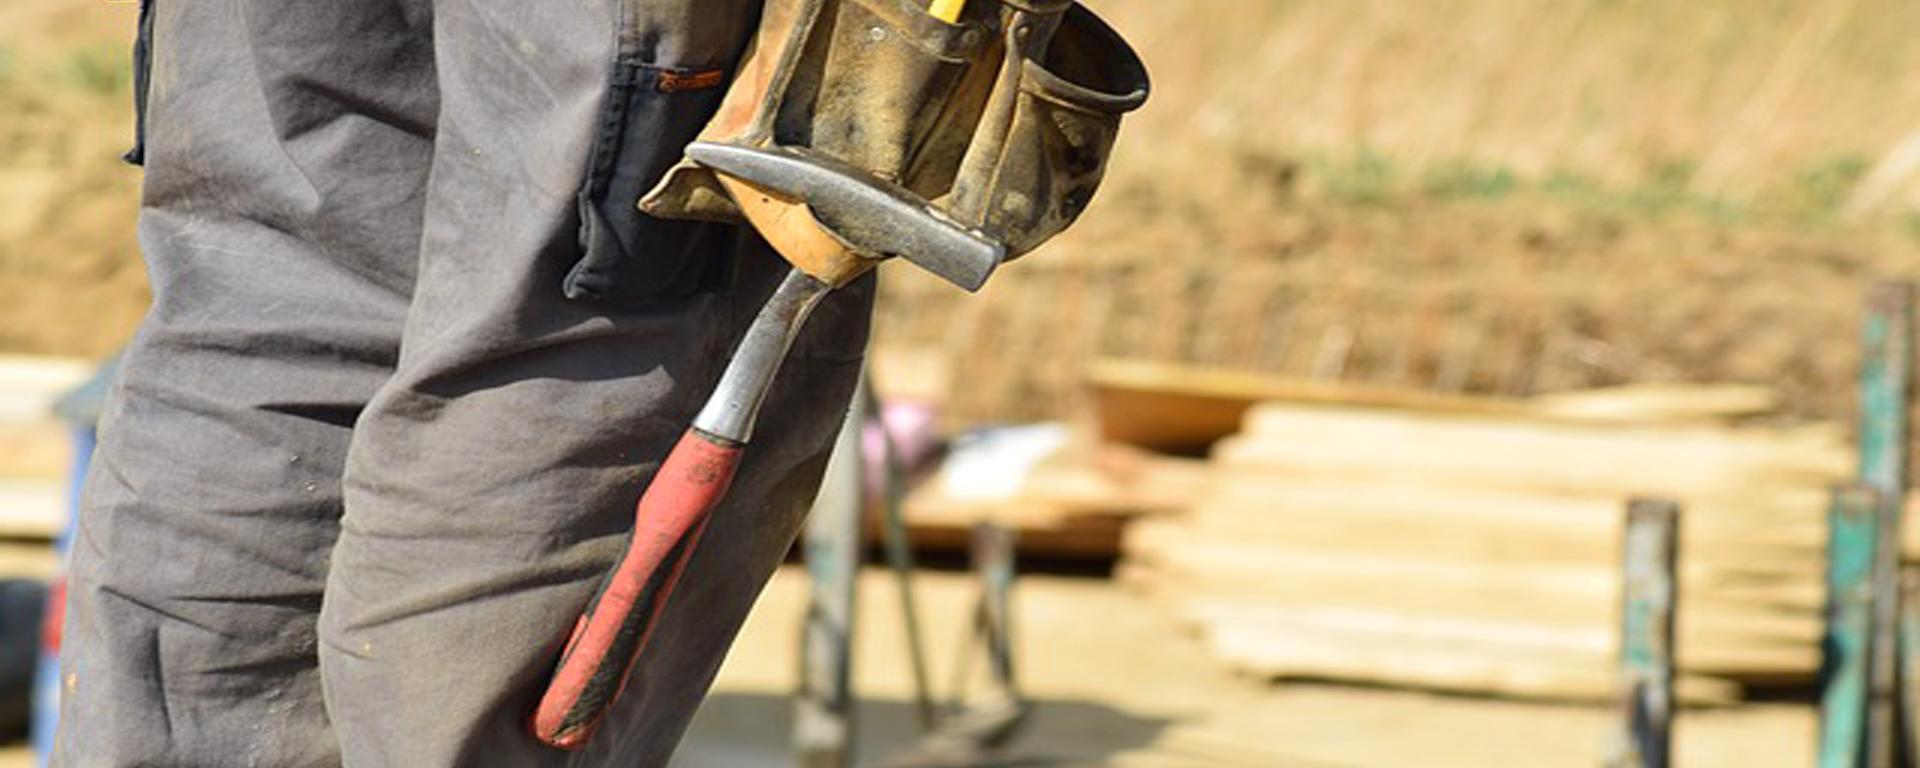 A Contractor Surveys a Site